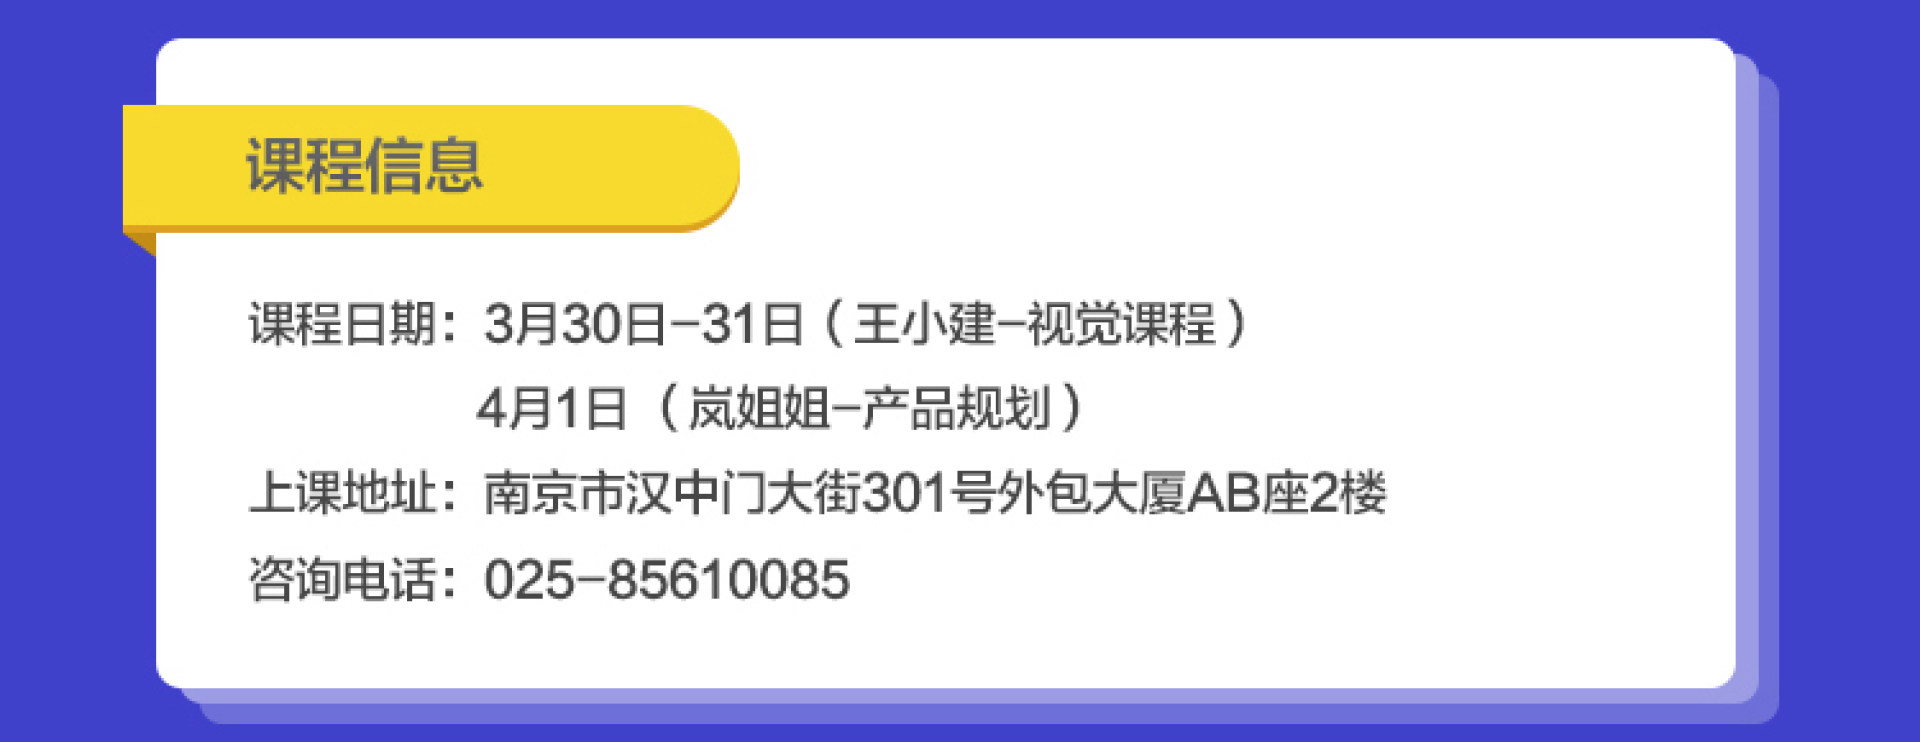 淘宝大学 电商培训 南京电商 南京培训 速卖通大学